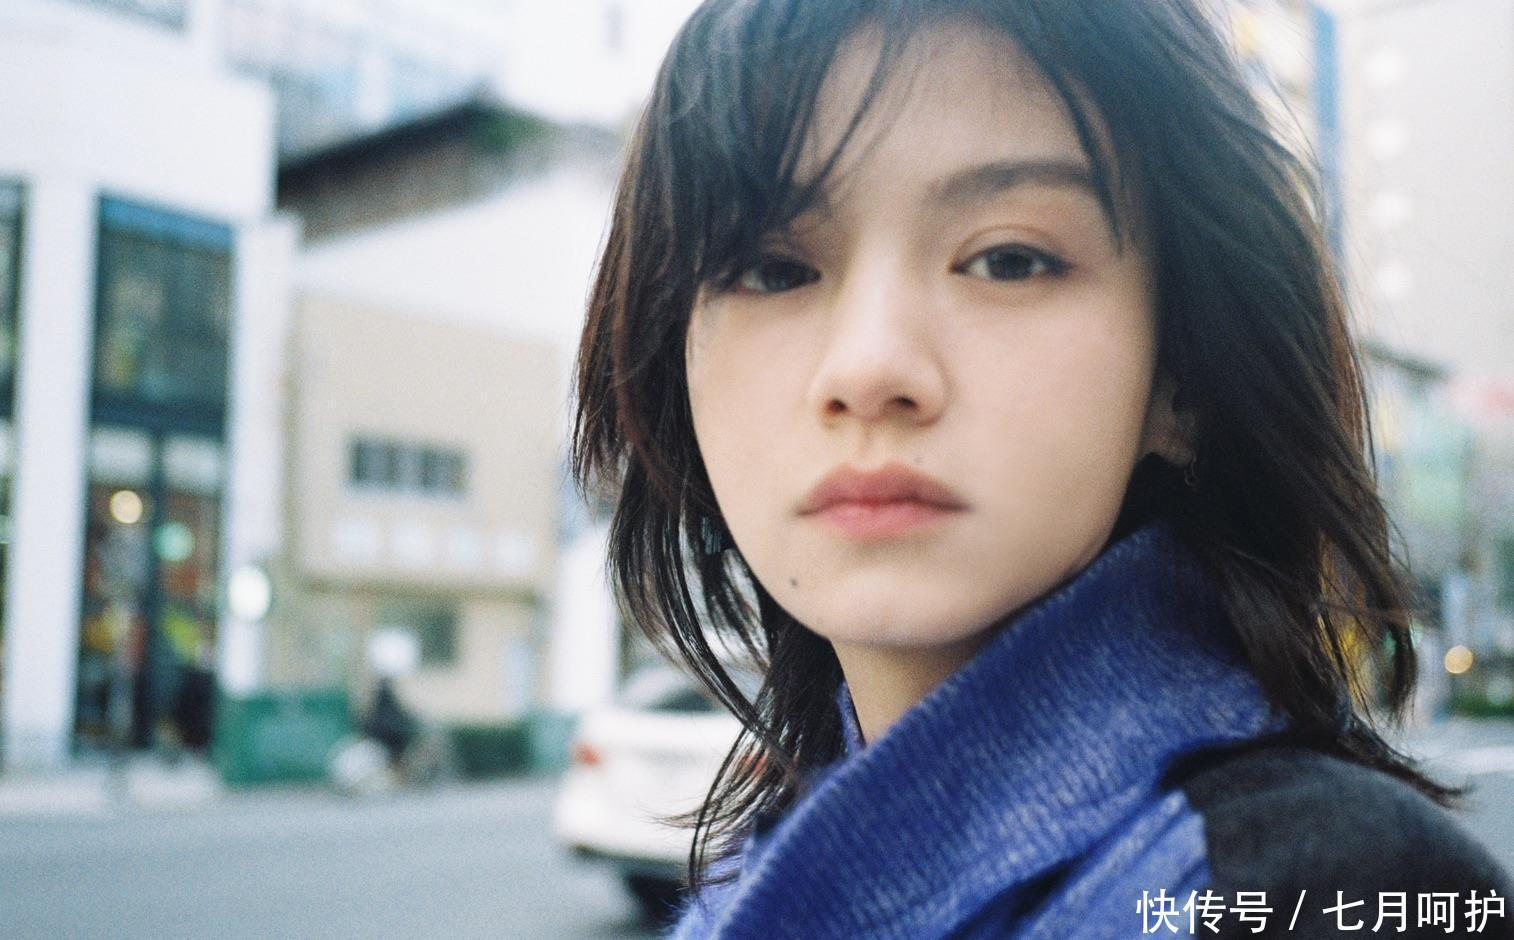 上映|92年出生的云南女孩,24岁获得金像奖影后,她能超越周冬雨吗